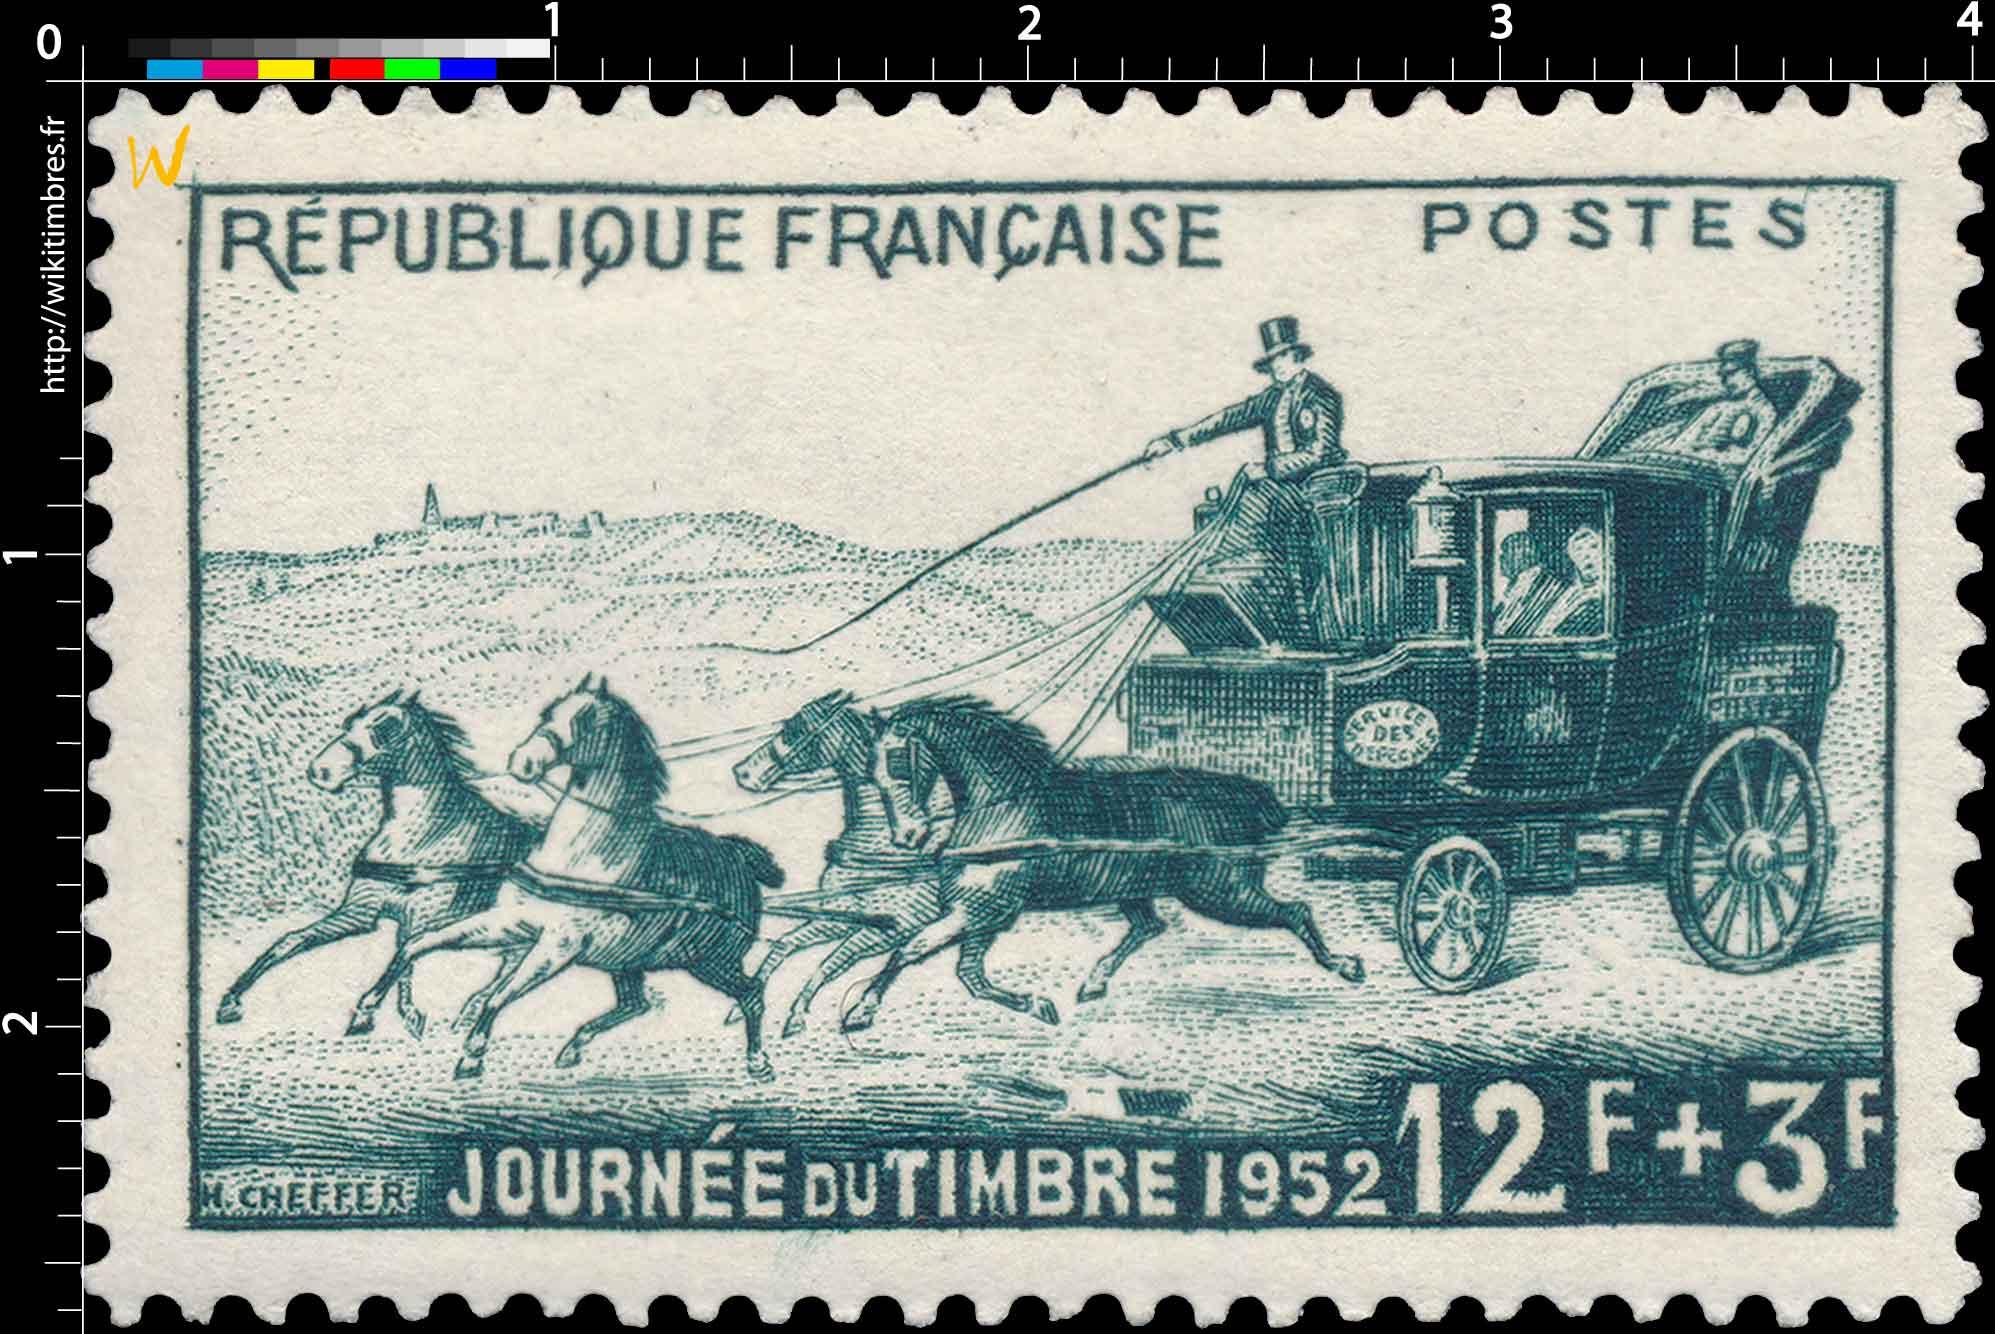 JOURNÉE DU TIMBRE 1952